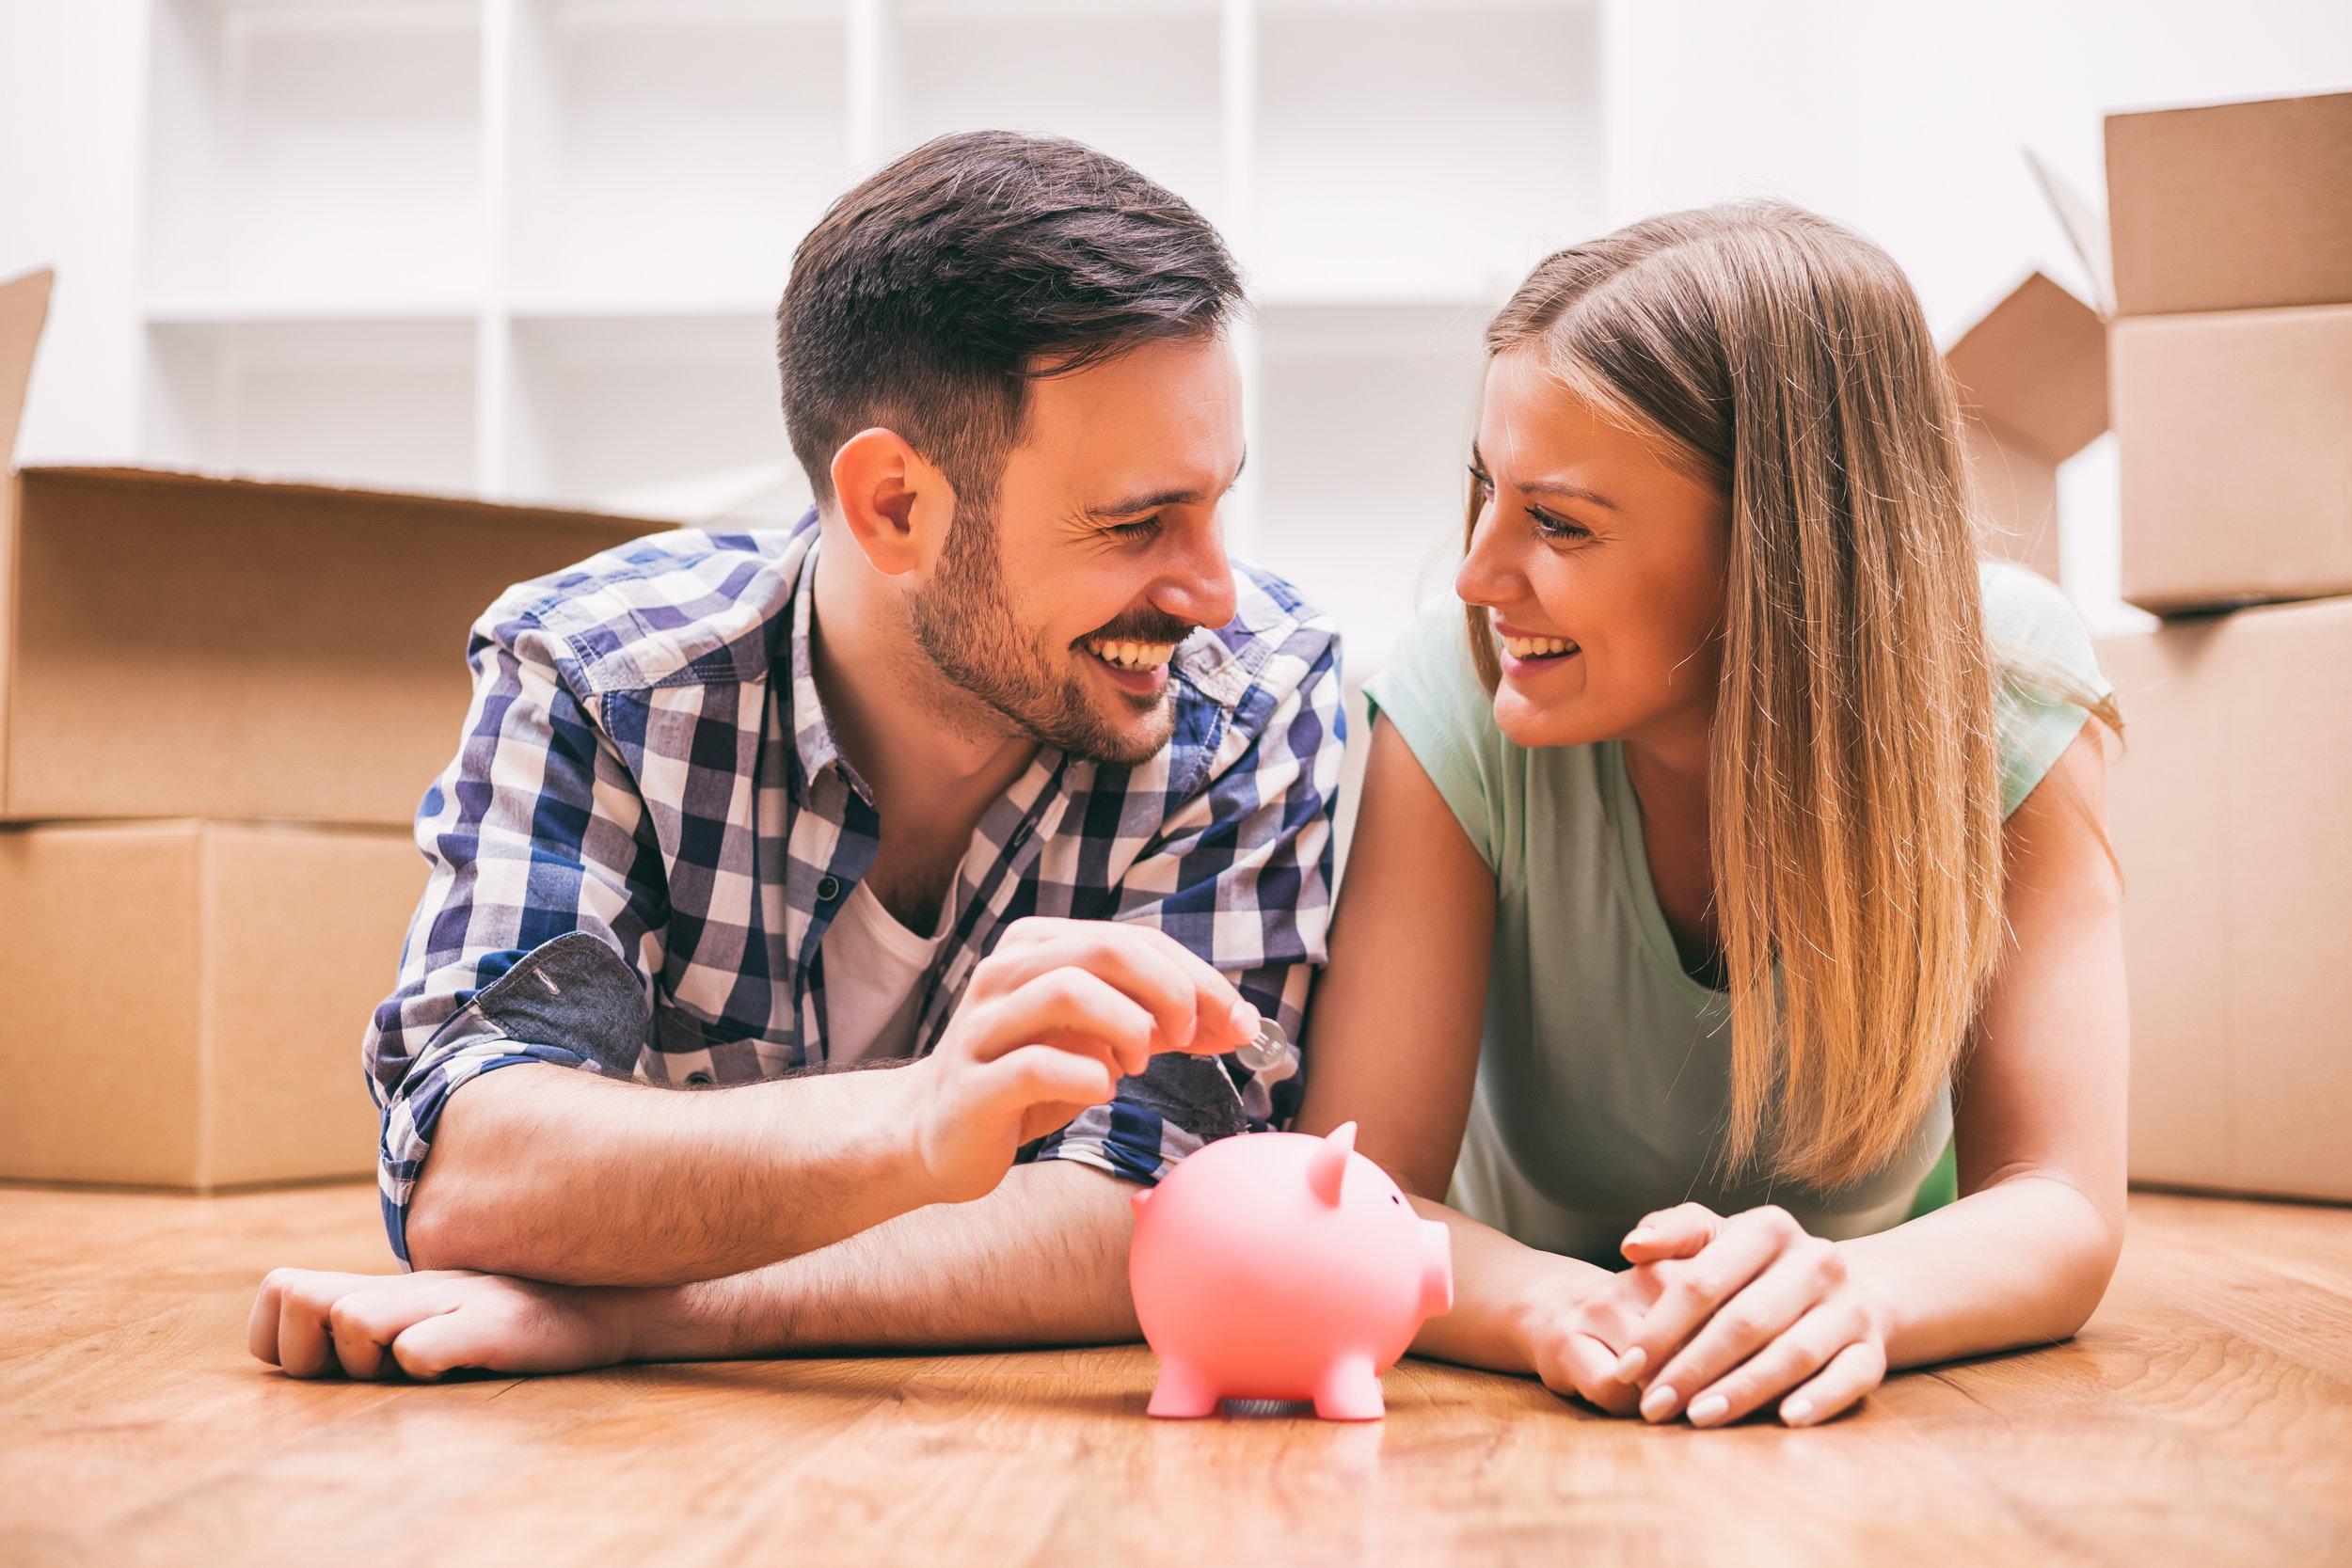 Een koppel dat op de grond ligt tussen een hoop verhuisdozen en een muntje in een spaarvarkentje steekt terwijl man en vrouw naar elkaar kijken.